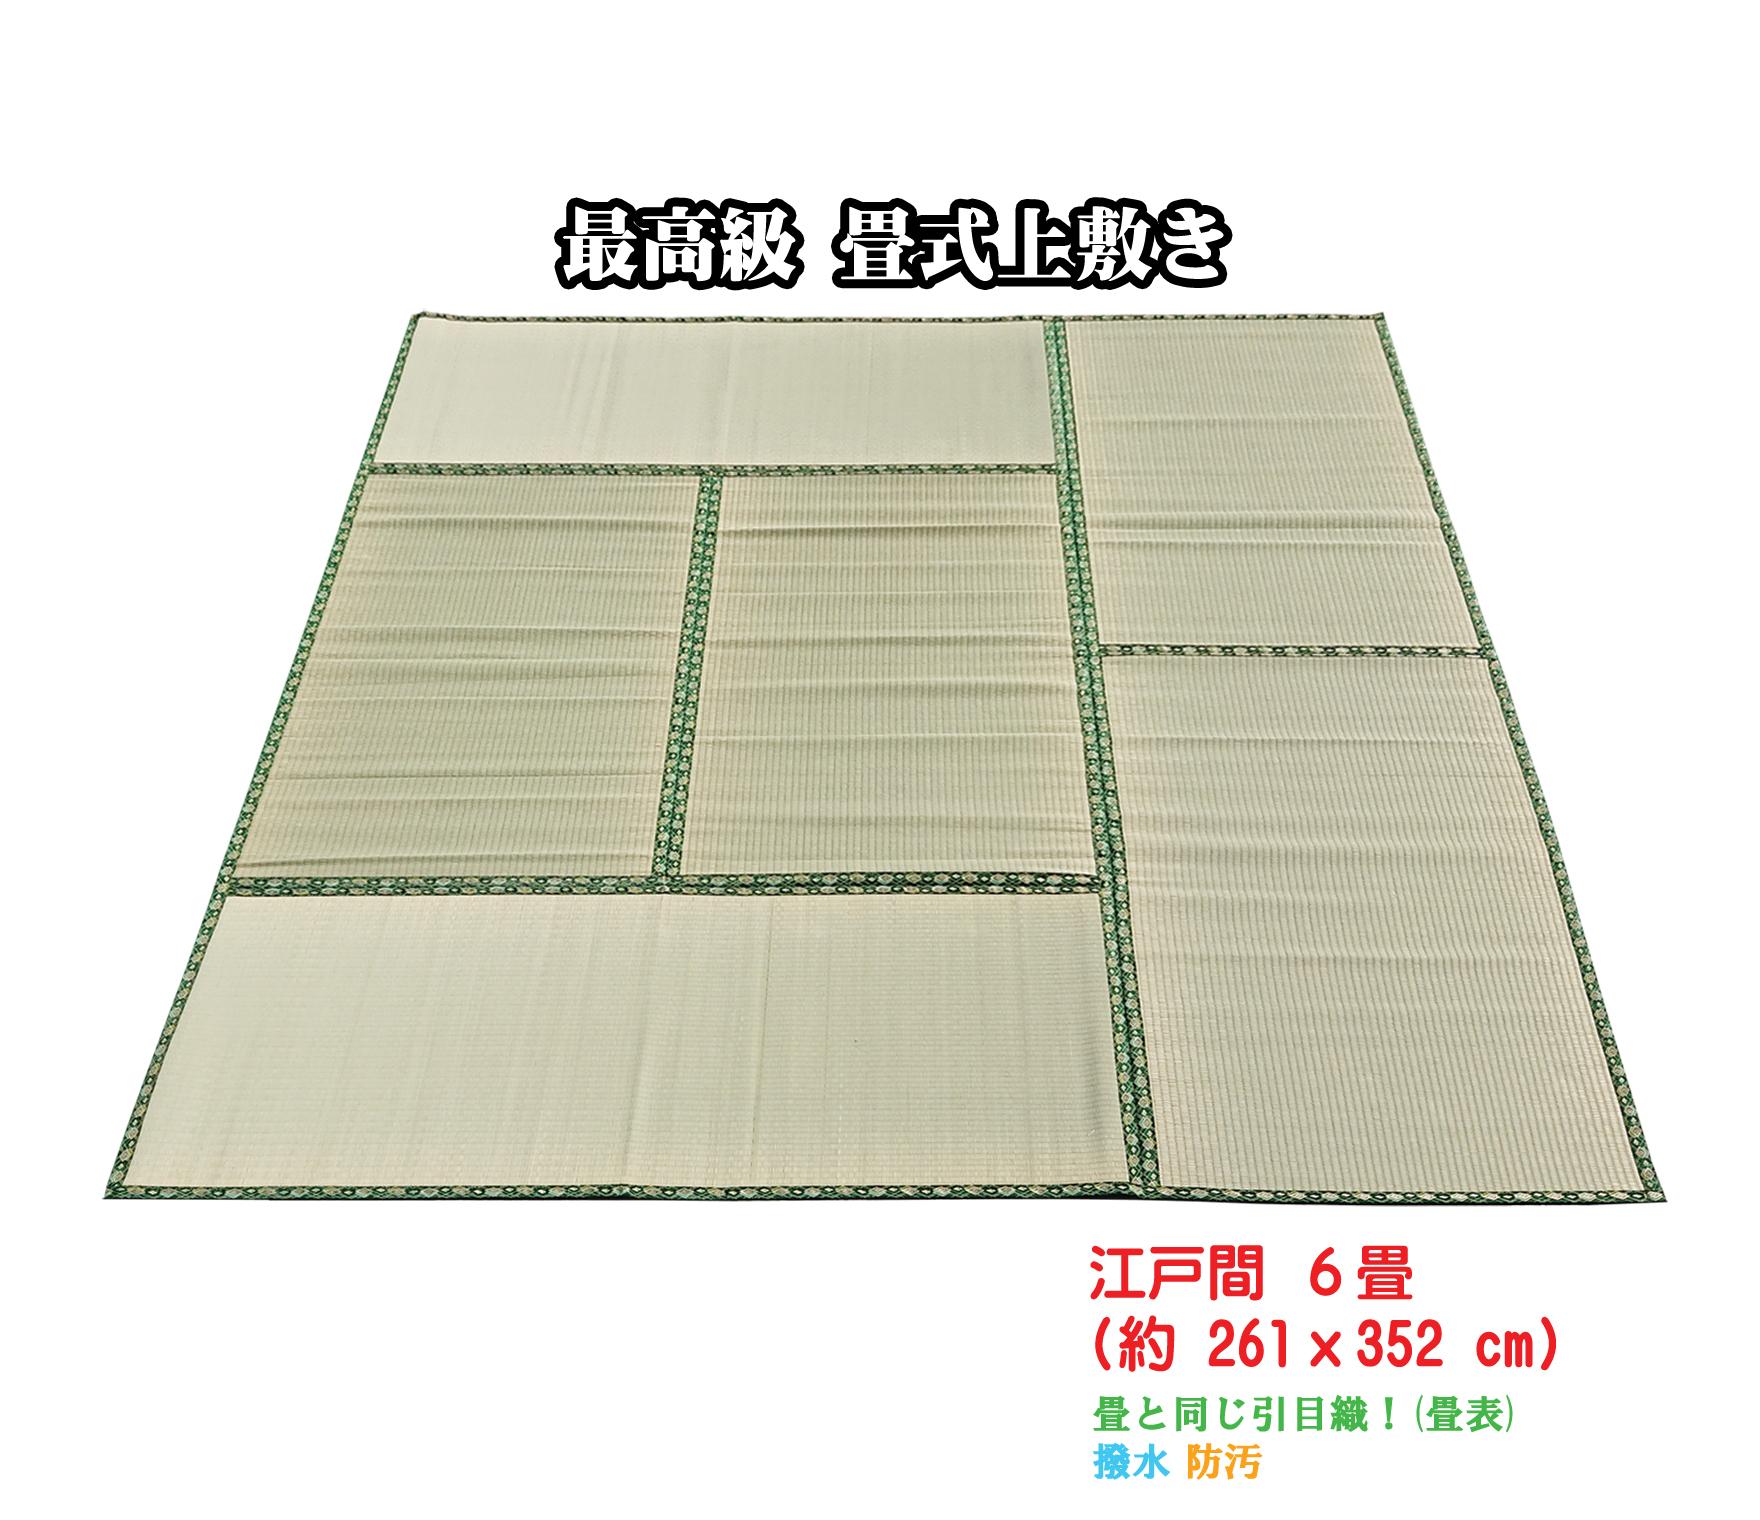 最高級 畳式上敷き(江戸間) 6畳